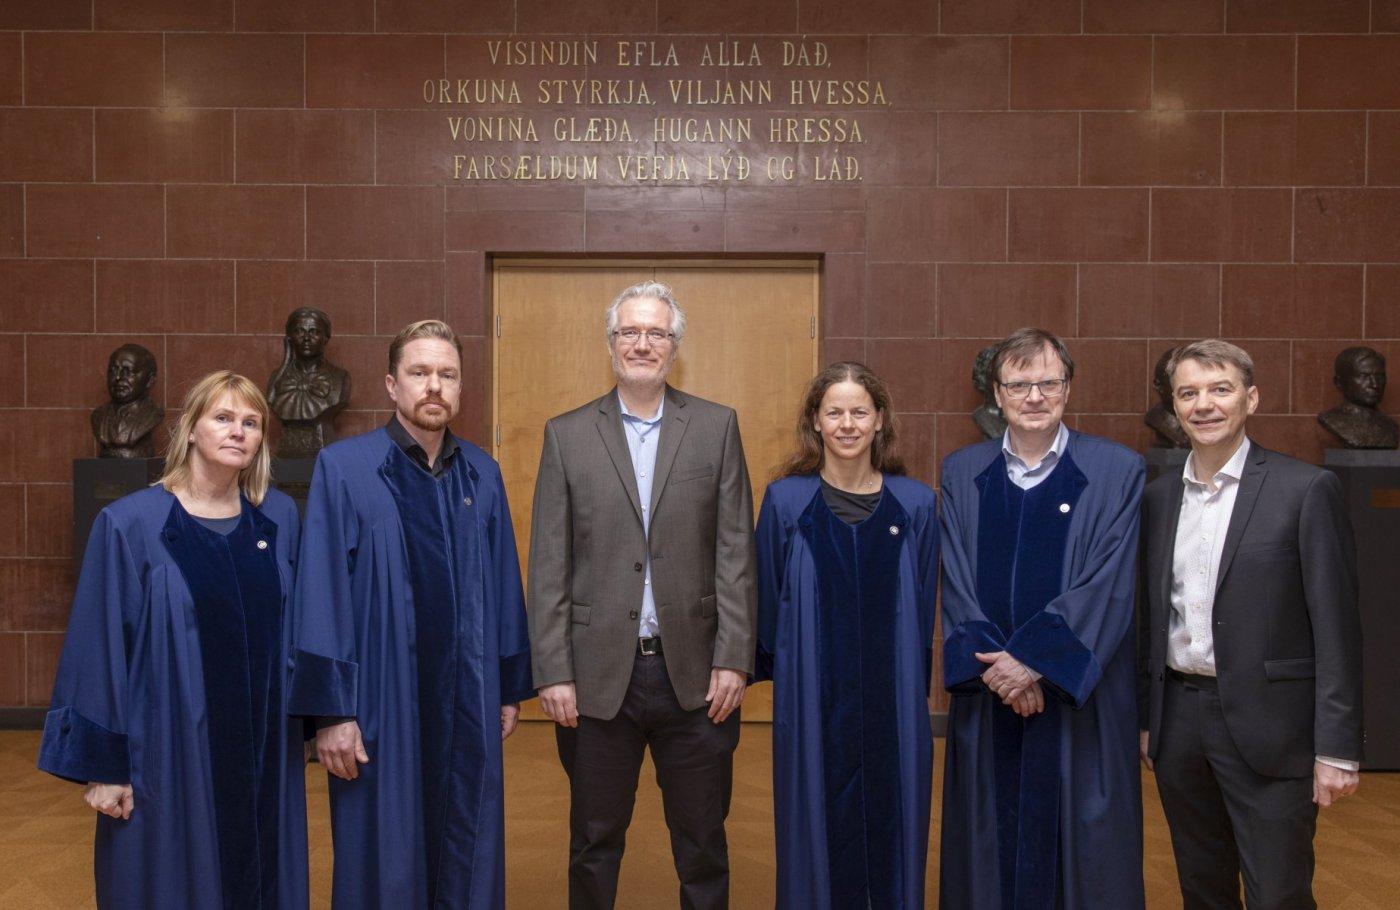 Steinunn J. Kristjánsdóttir, Jussi Backman, William Konchak, Samantha Harvey, Guðmundur Hálfdanarson og Björn Þorsteinsson.